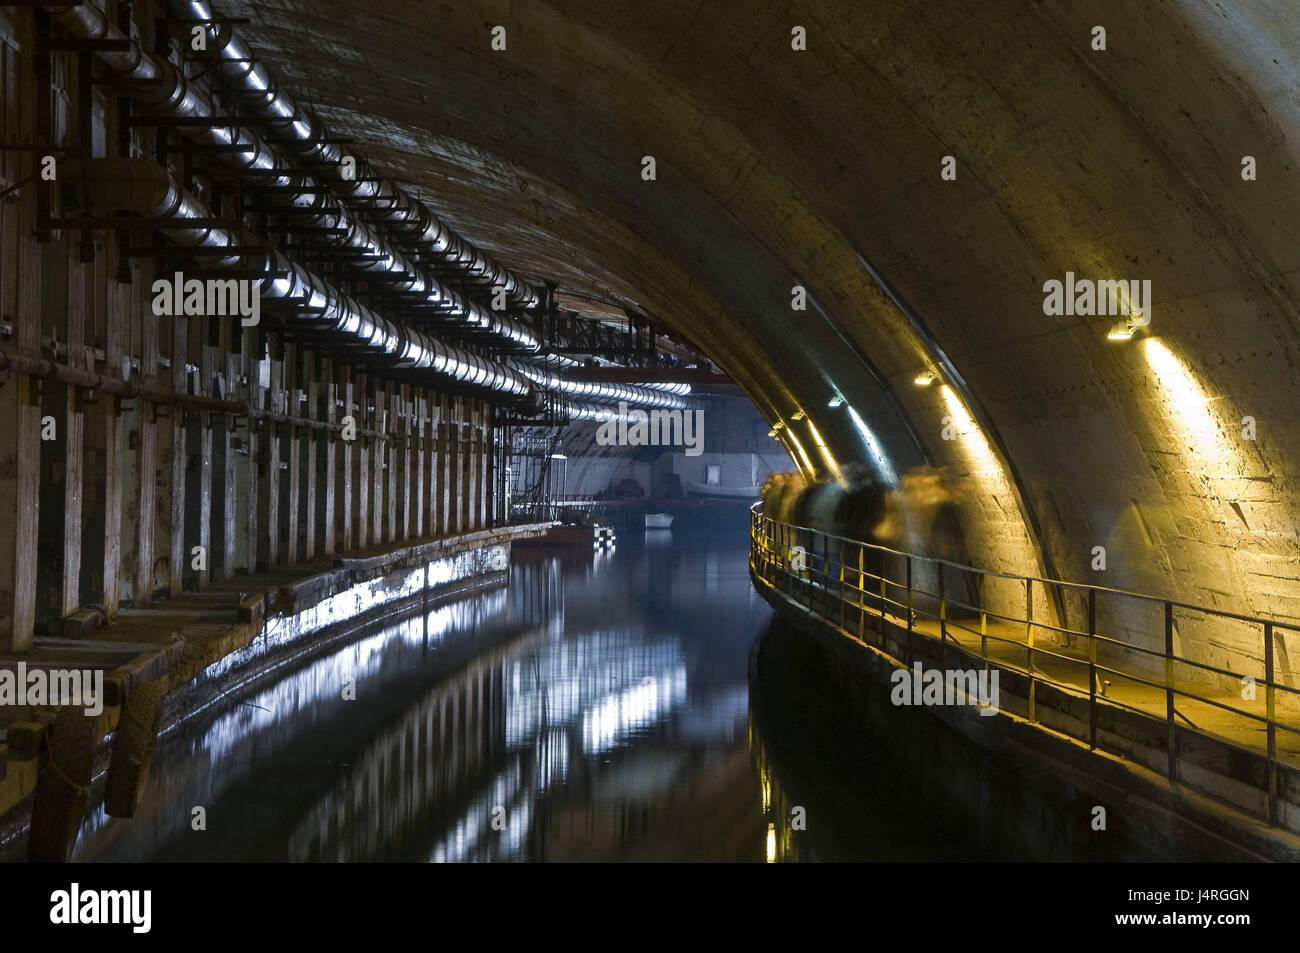 Submarine bunker, Balaklawa, the Crimea, nuclear-bombproof, submarine base, secretly, the military, - Stock Image